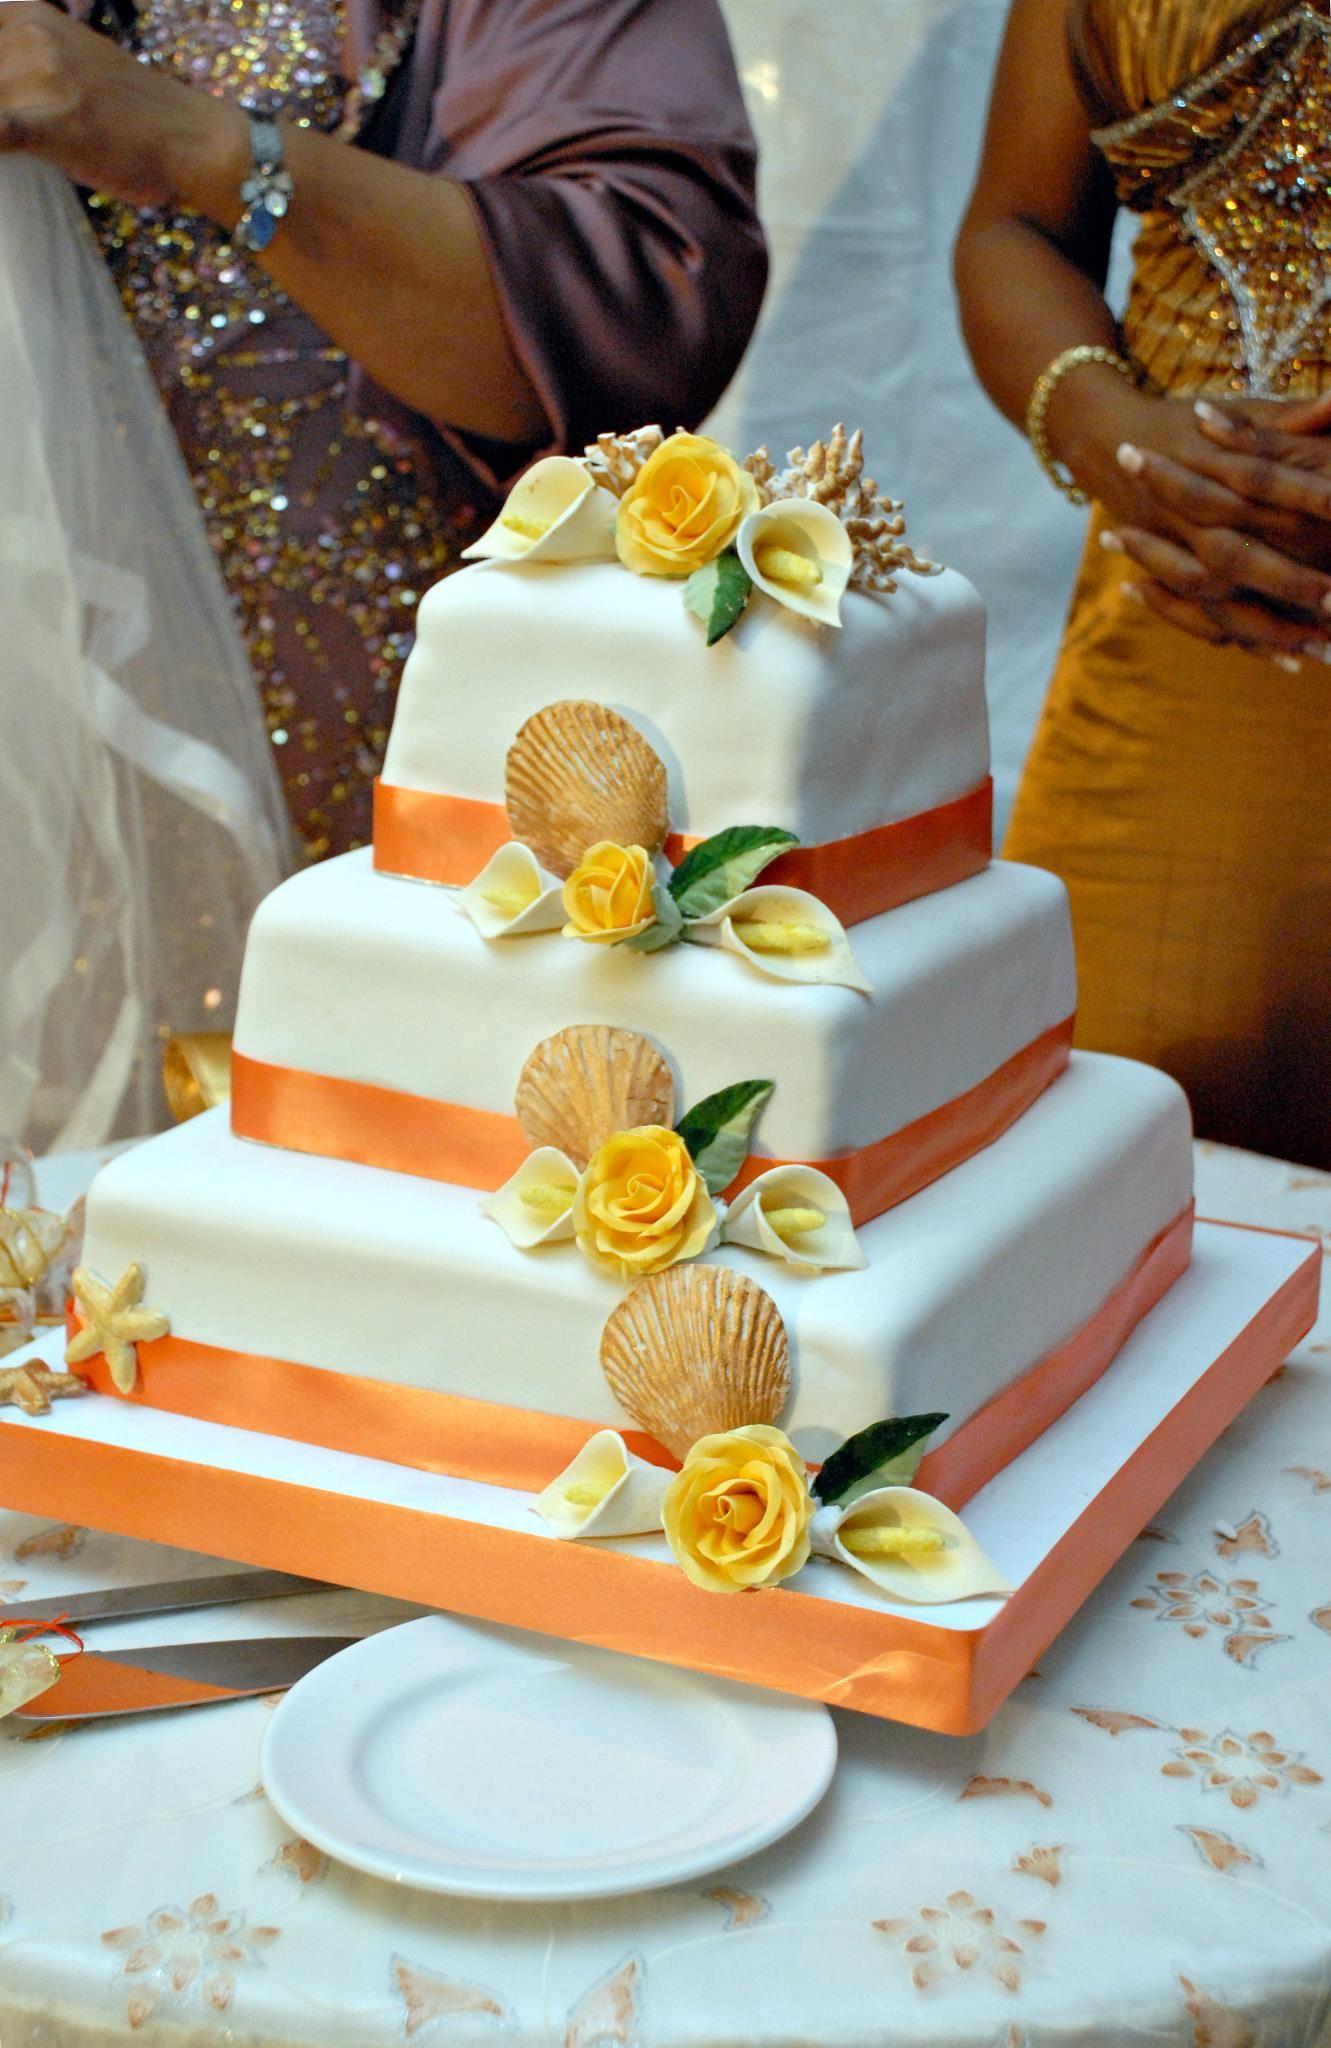 By Helen G Events Wedding Cake Jamaica 3 Tier Wedding Cake Square Wedding Cake Jamaica Weddin Square Wedding Cakes Wedding Cake Prices Wedding Cake Strain